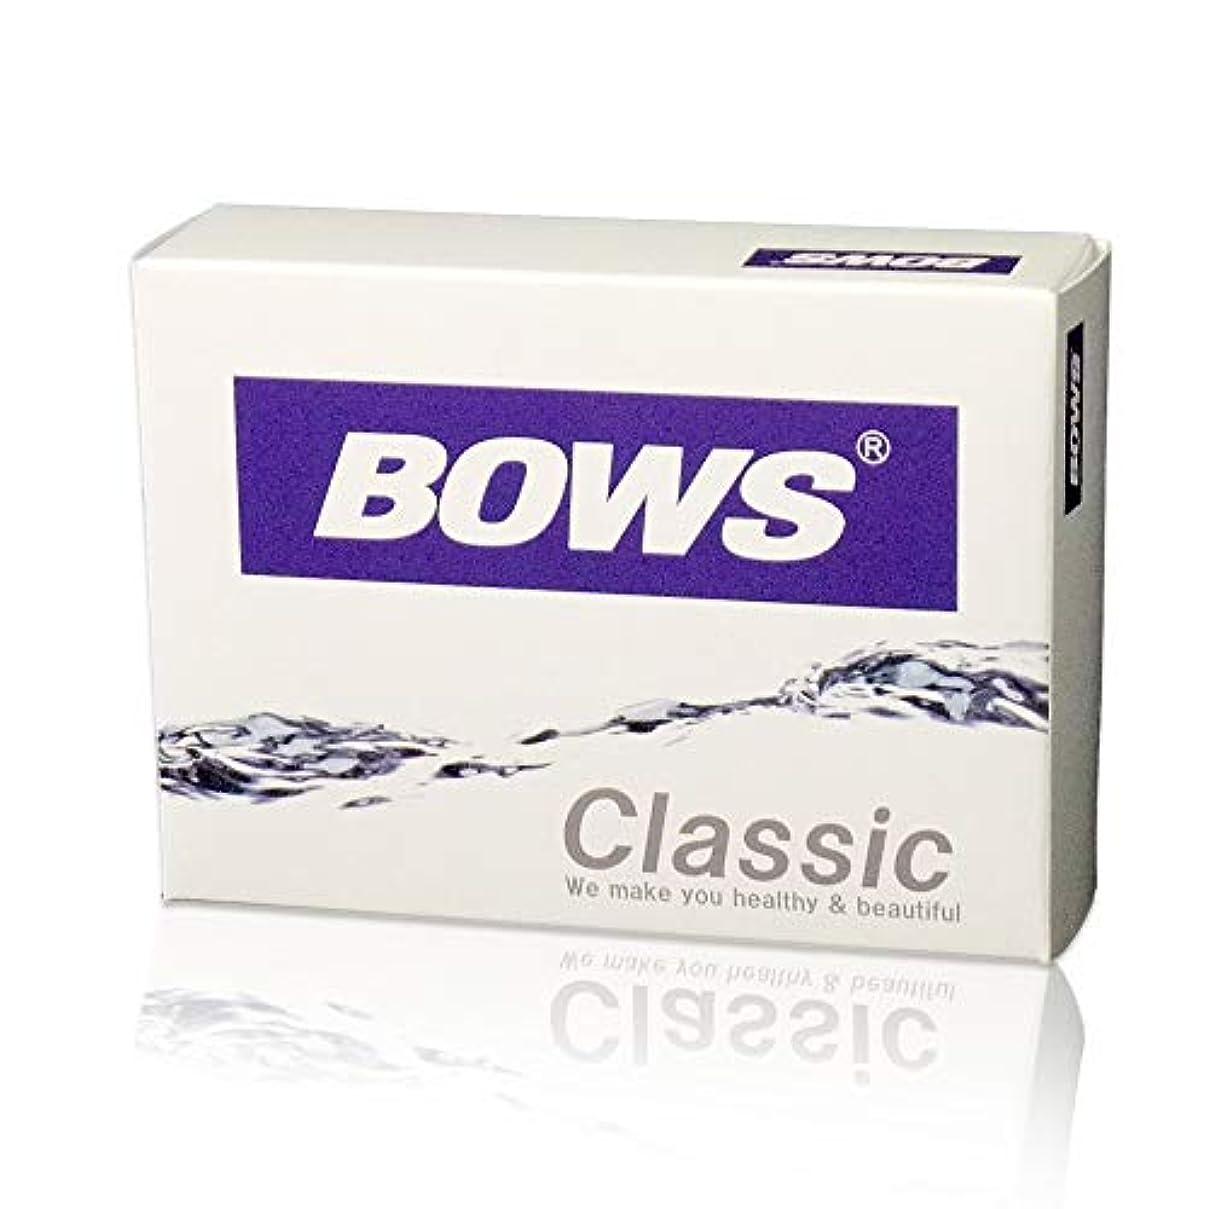 対処する届けるクリケットBOWS Classic(ボウス クラシック) 90g (30包)